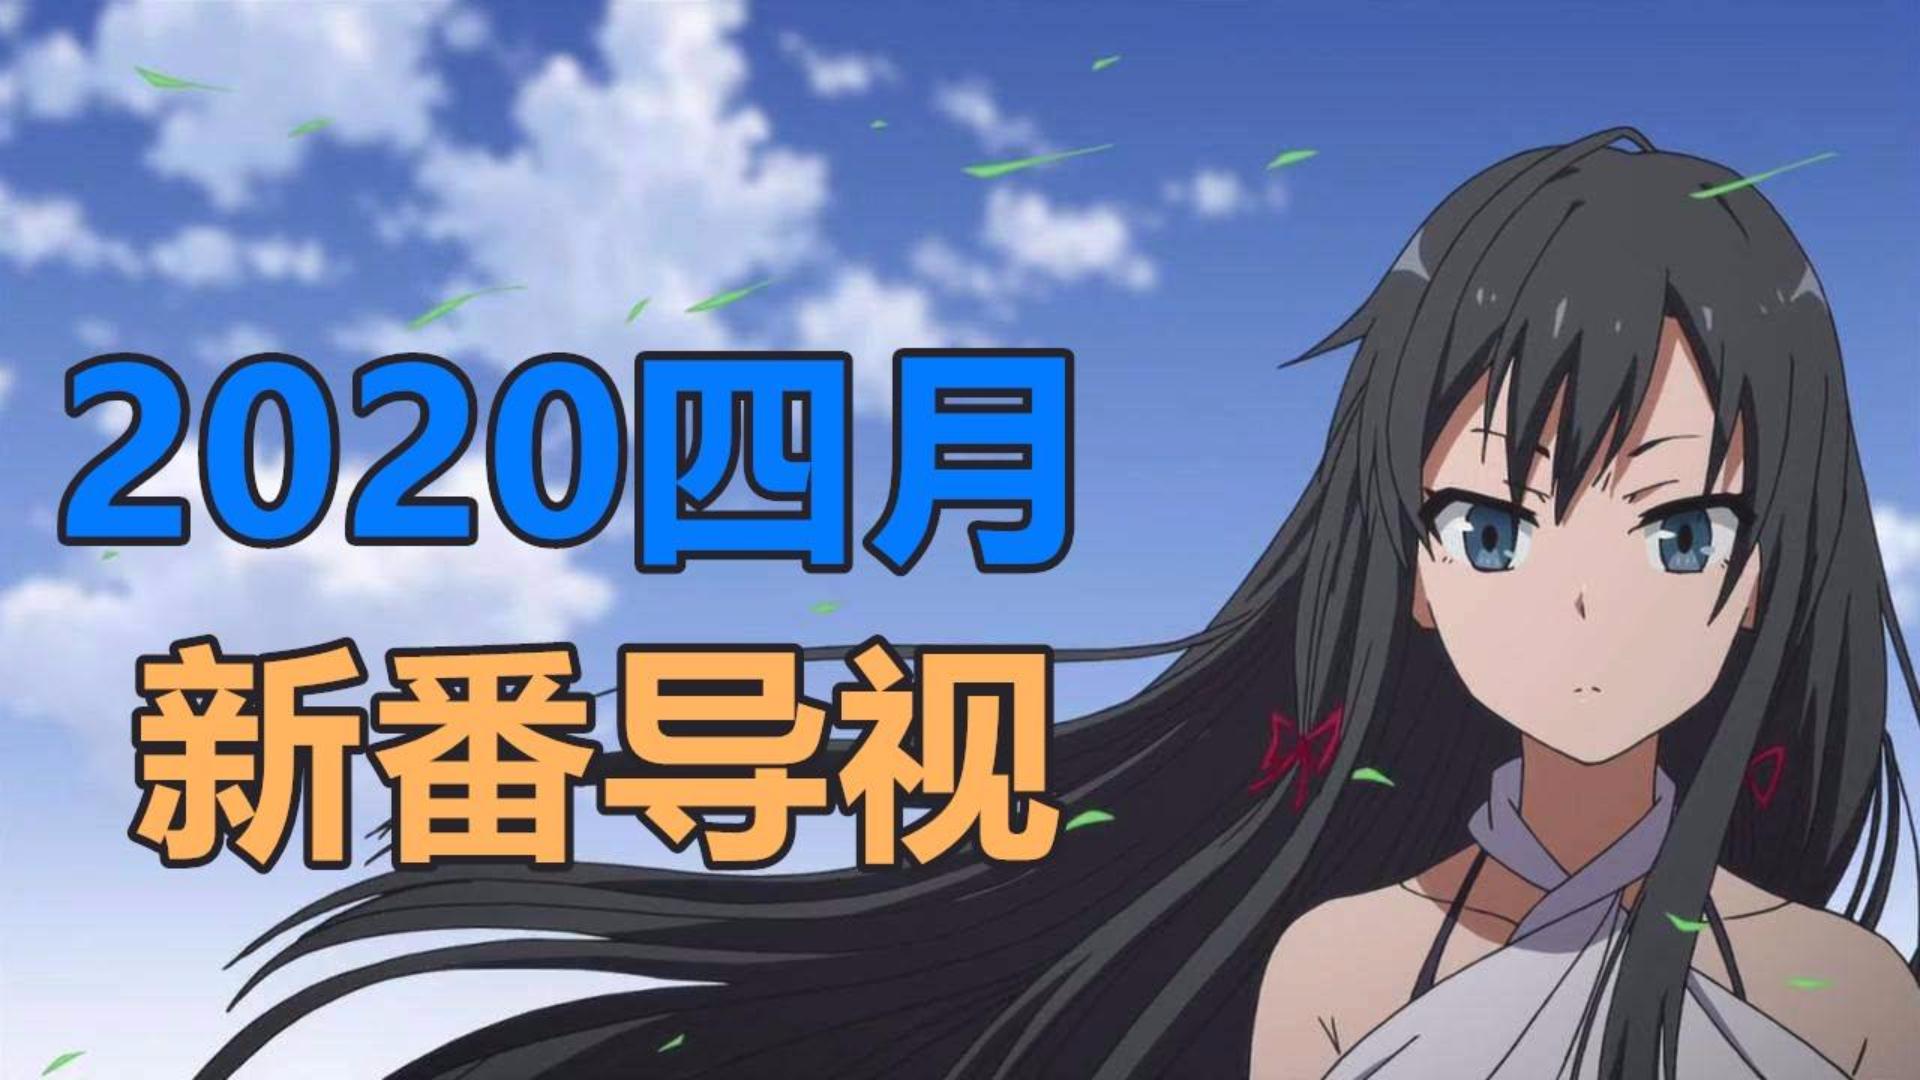 日本动漫画界史上最长的名字2020四月新番导视